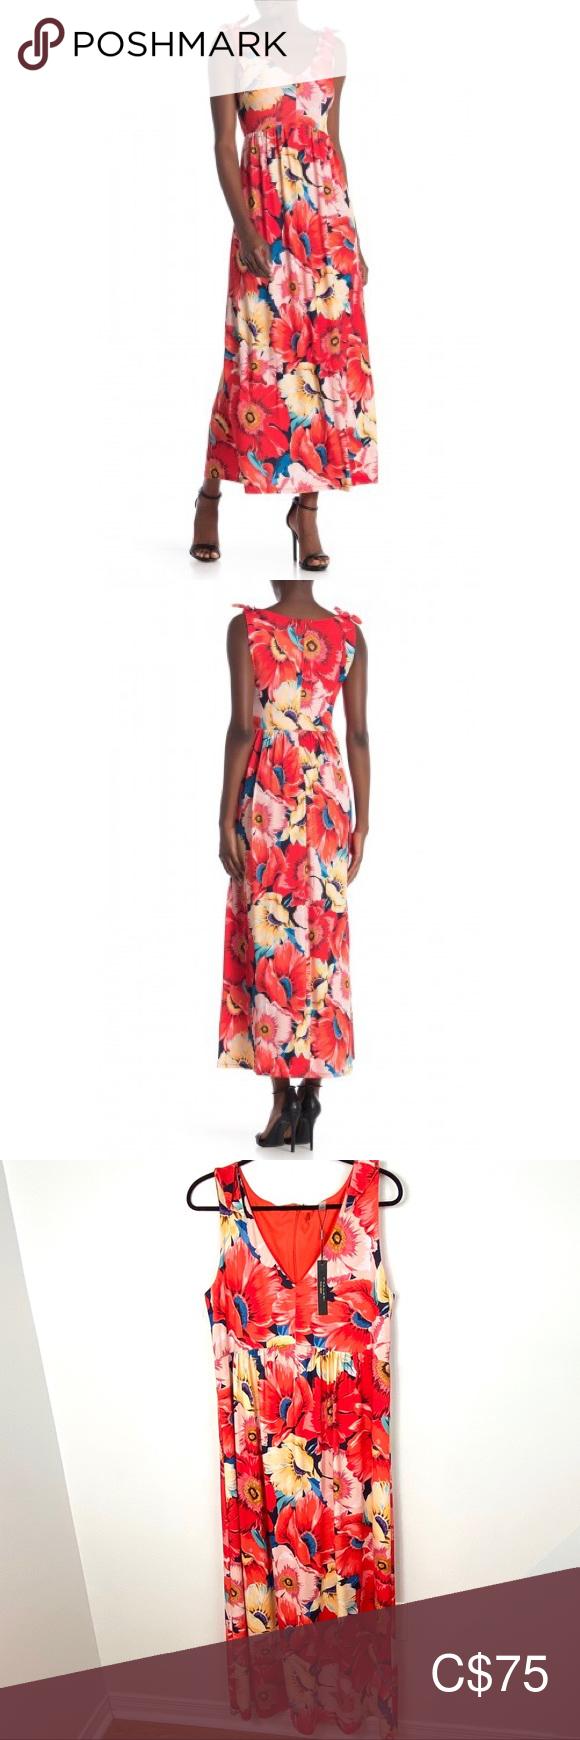 Nwt T Tahari Sleeveless V Neck Maxi Dress Size 12 Size 12 Maxi Dress Vneck Maxi Dress Dresses [ 1740 x 580 Pixel ]